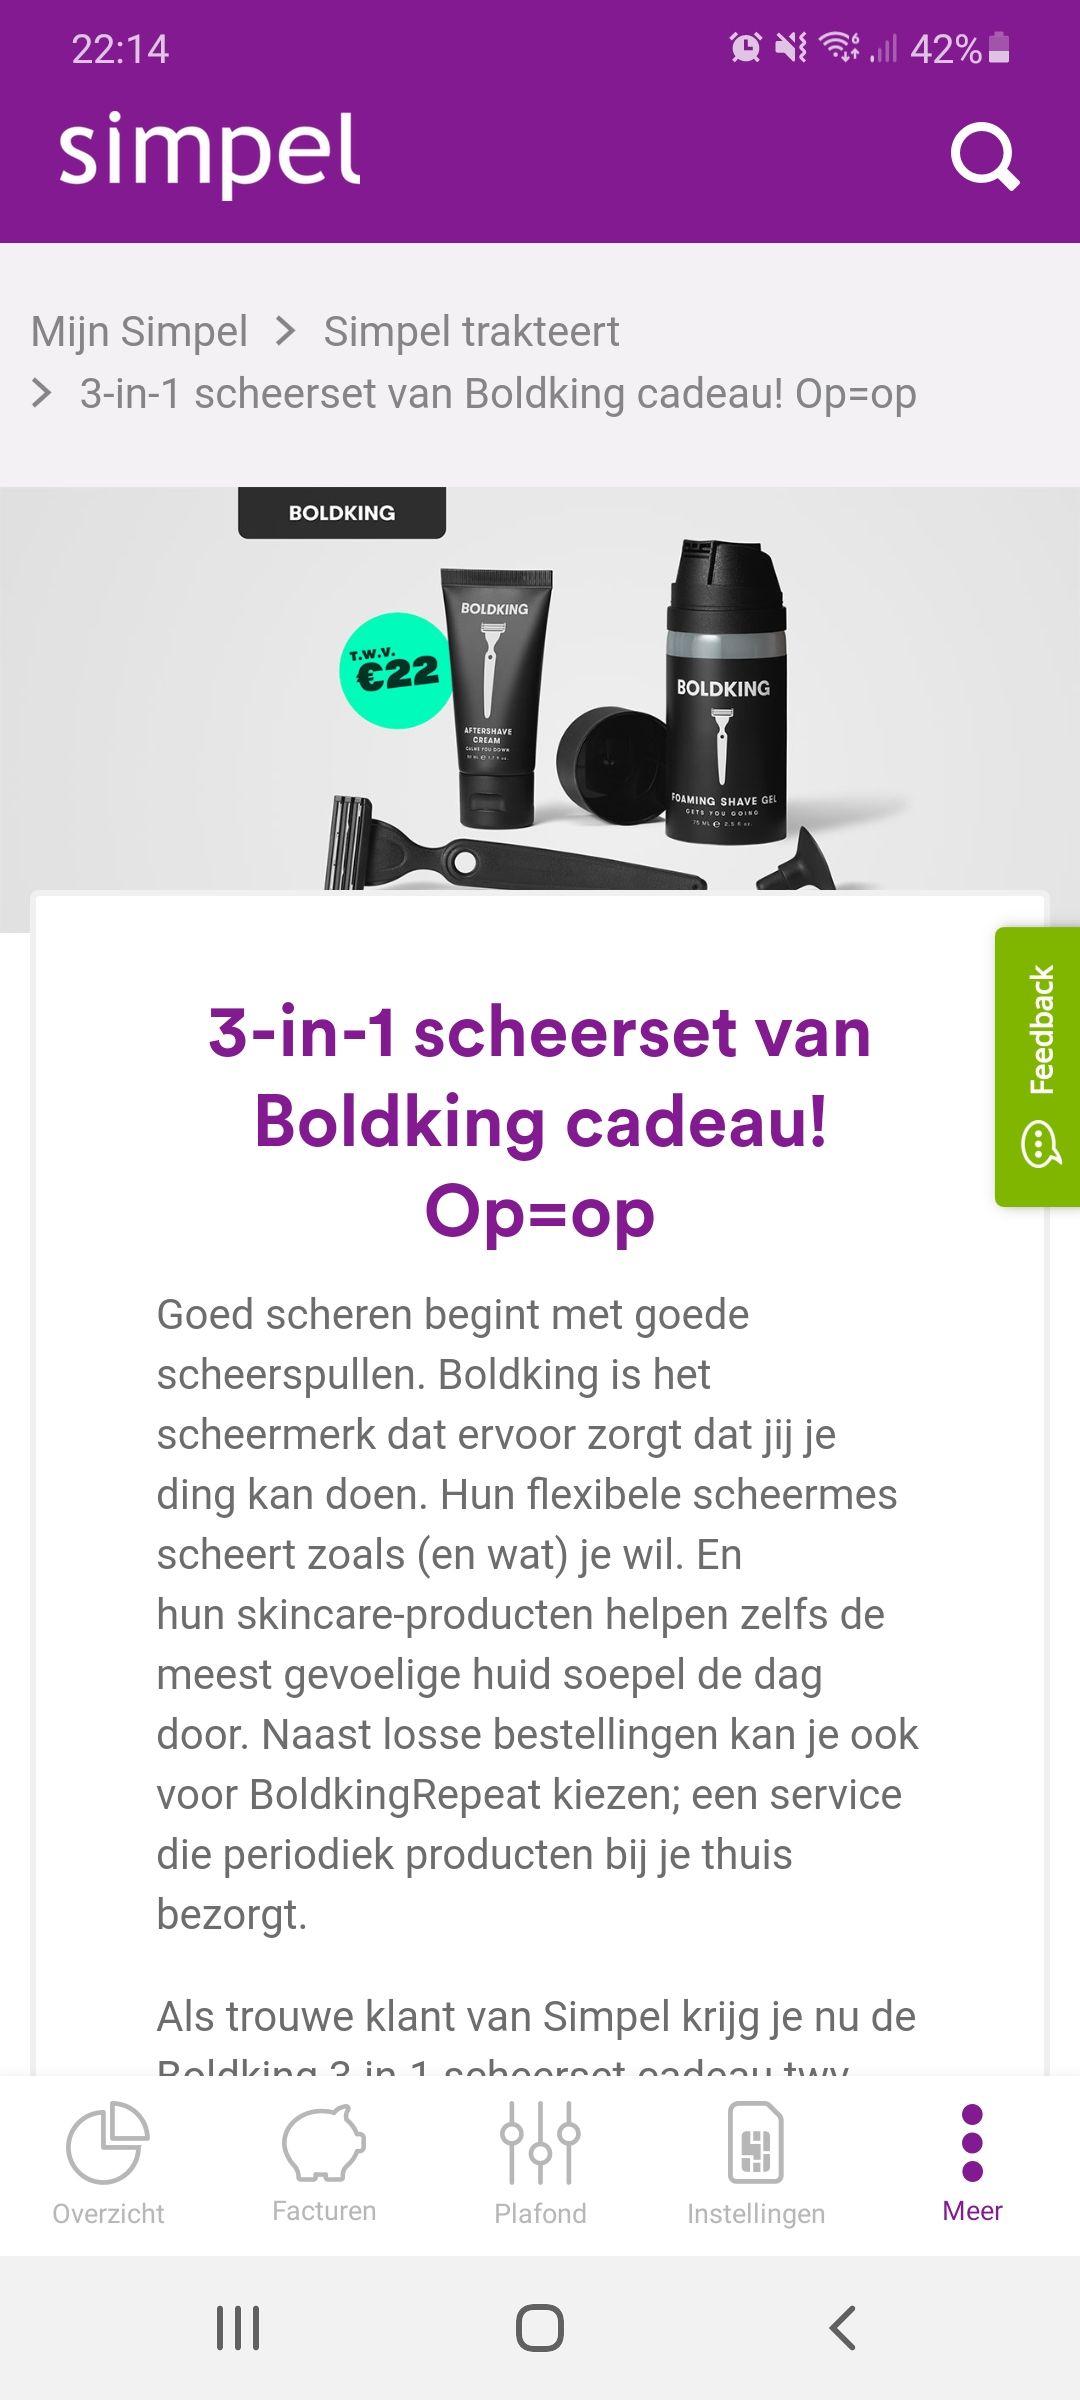 [Simpel klanten] 3-in-1 scheerset van Boldking cadeau (alleen verzendkosten €3)